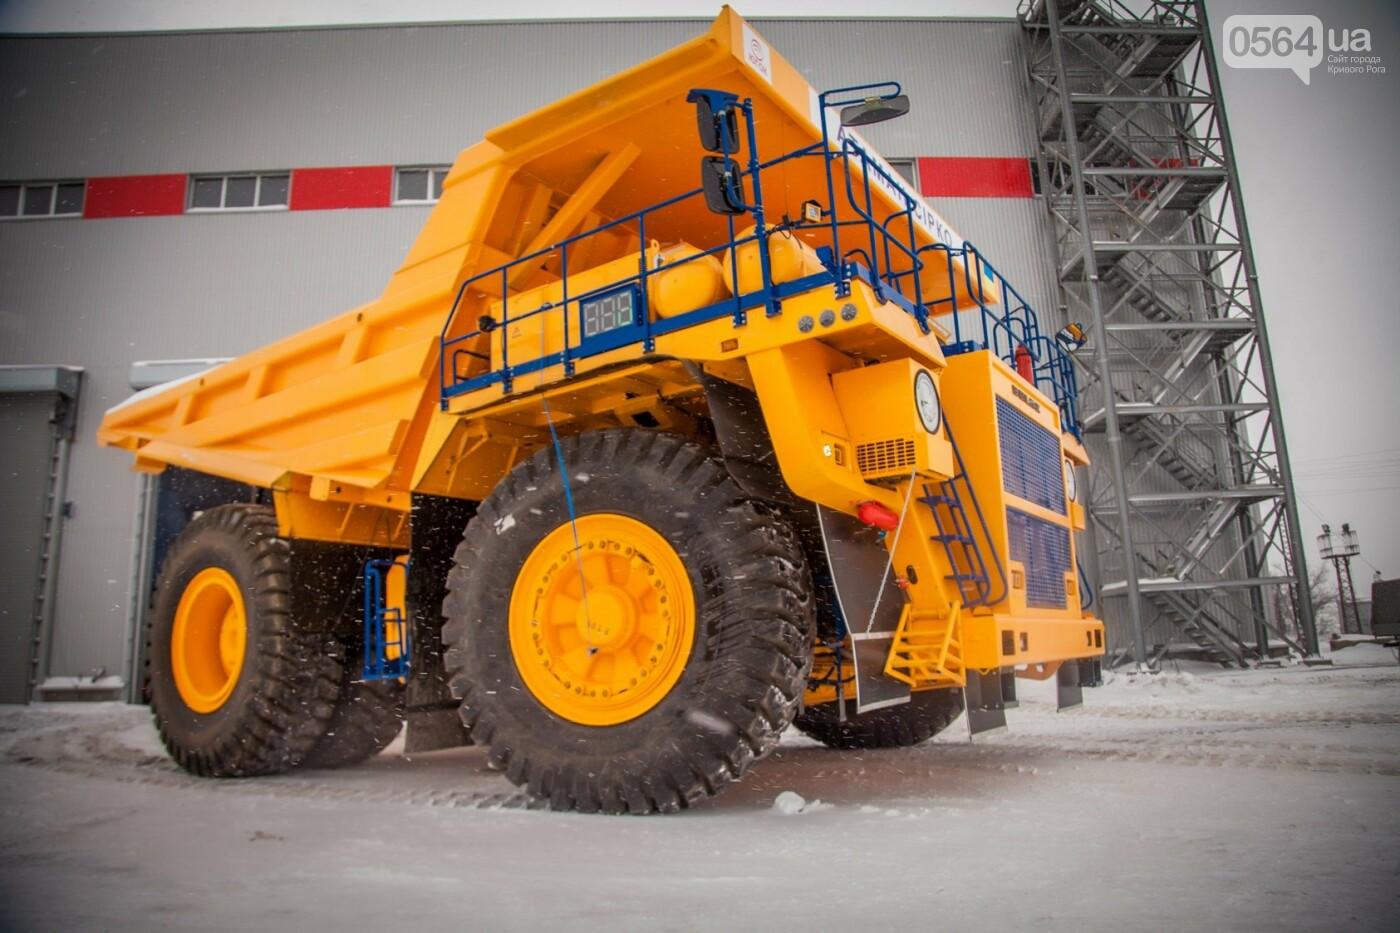 Южный ГОК инвестировал в обновление горной техники 63 миллиона гривен, фото-2